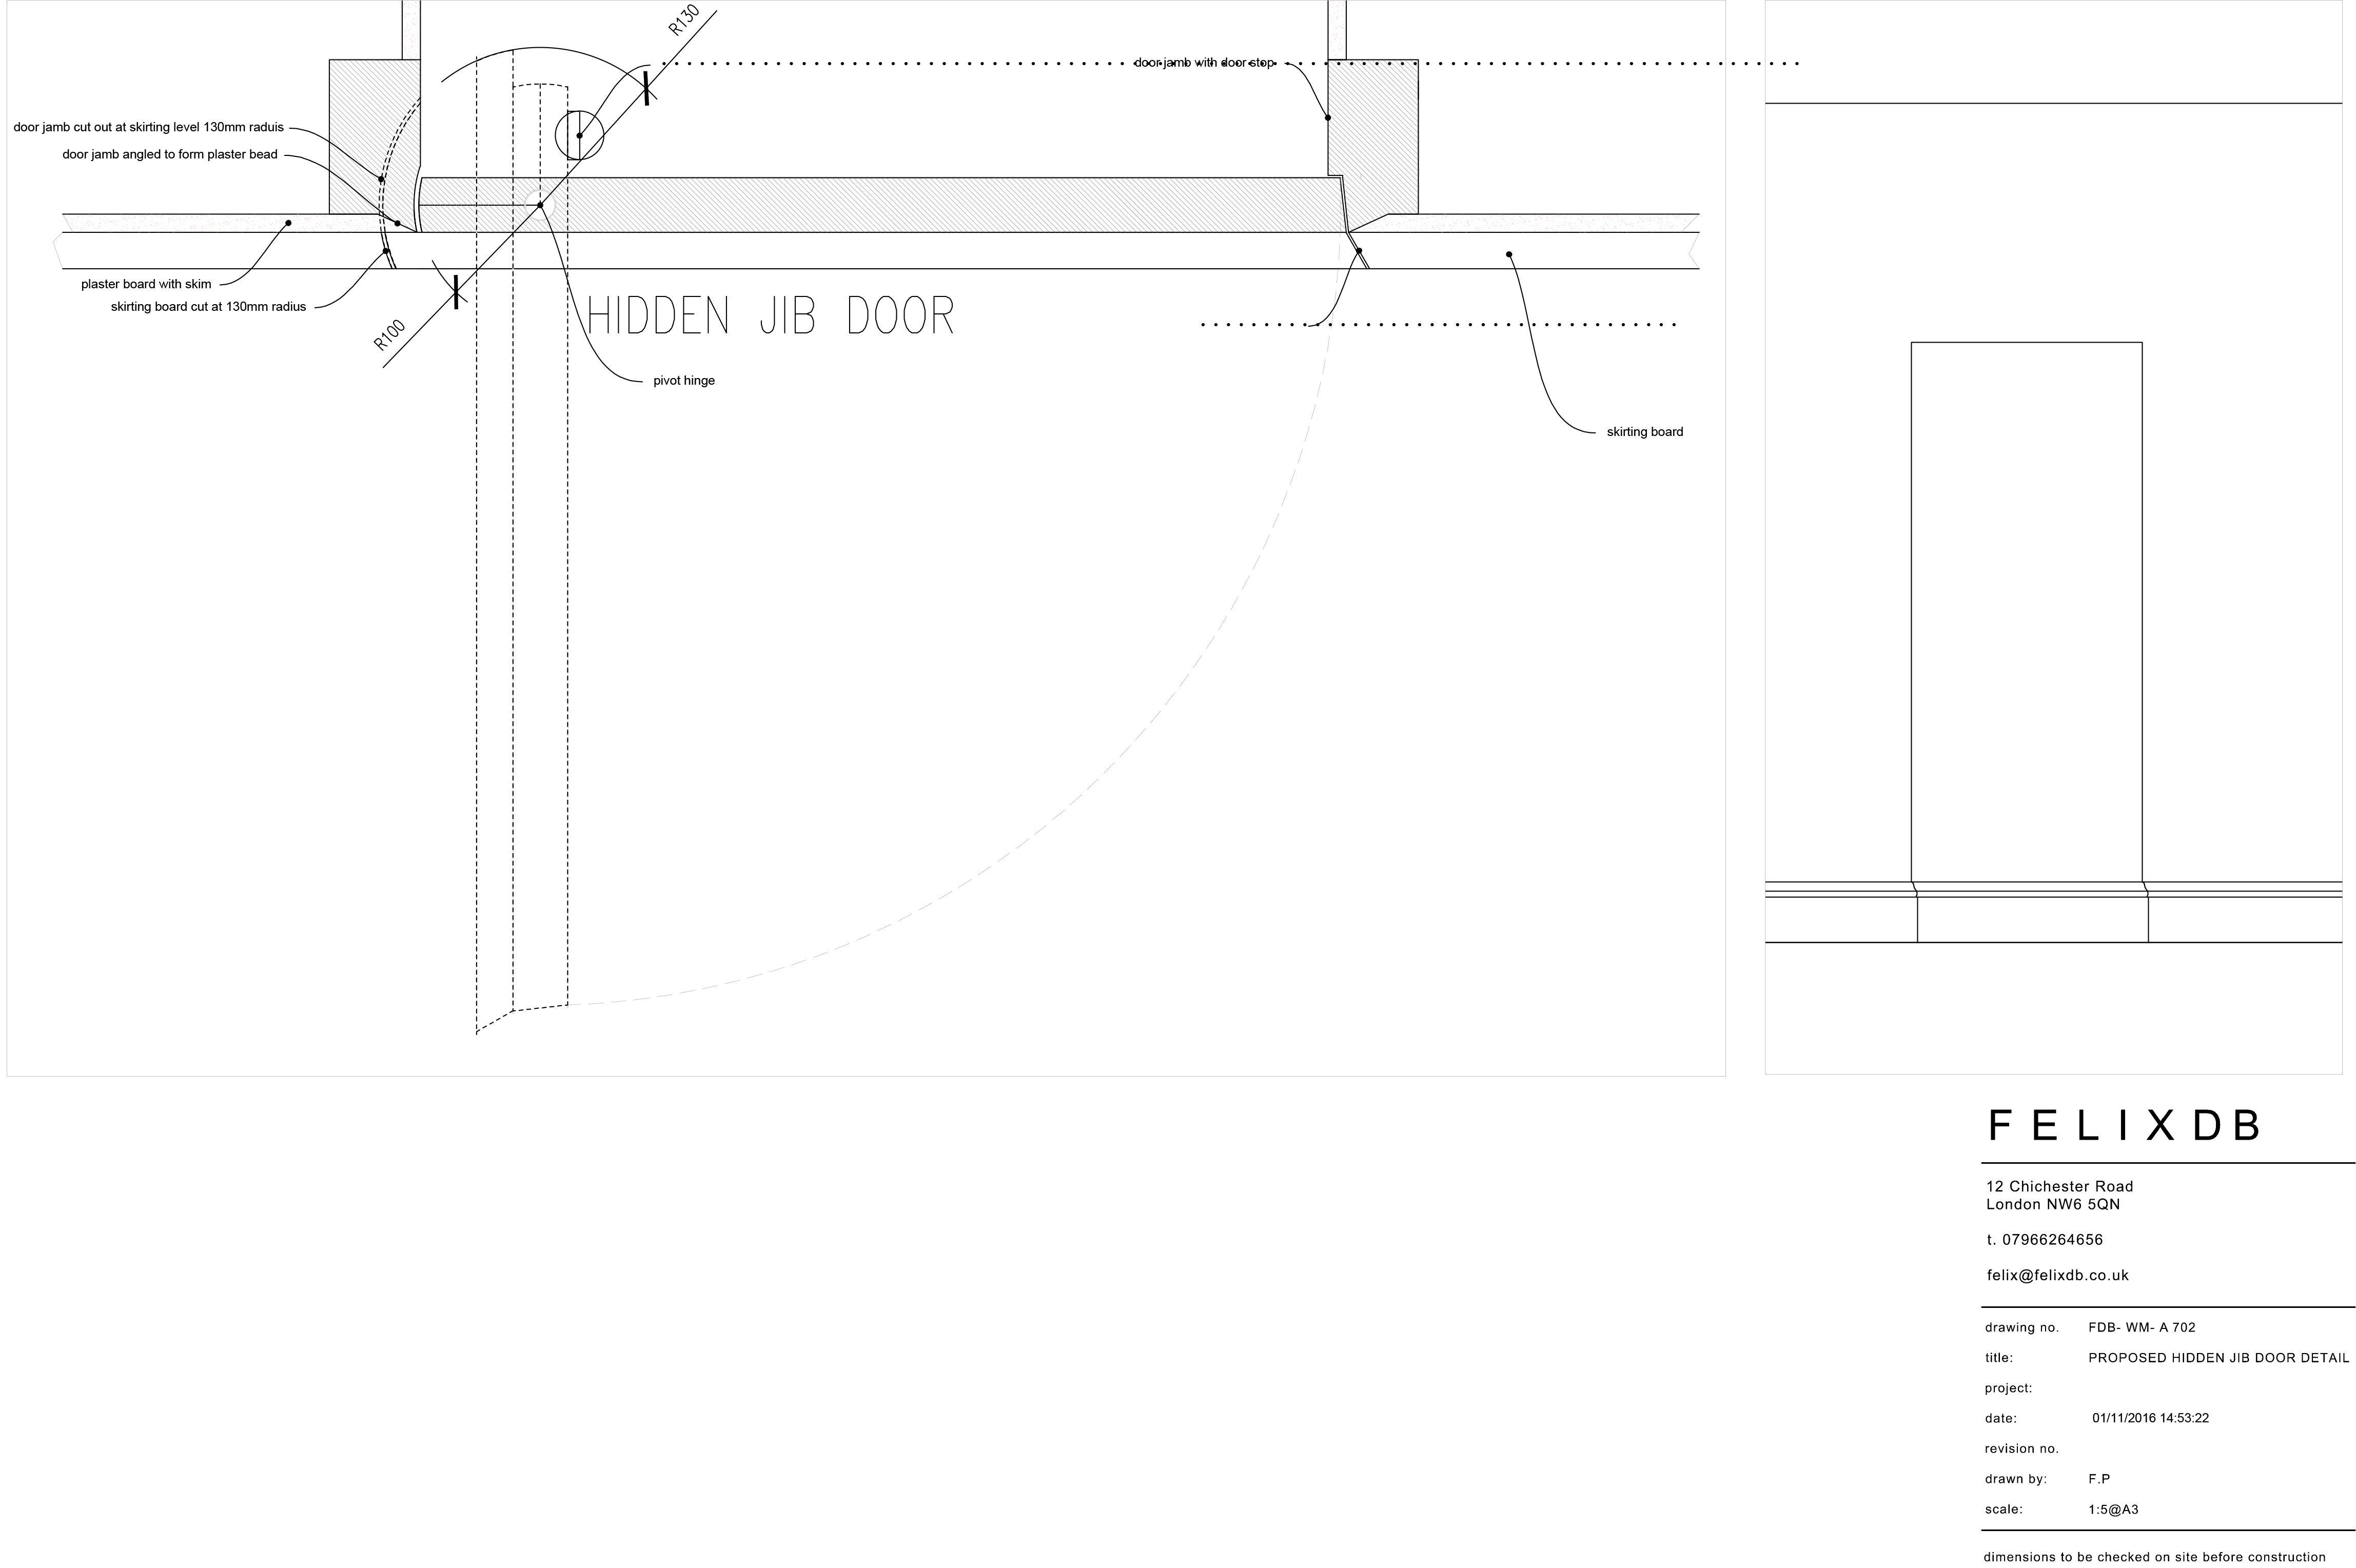 Detail Drawing For Jib Hidden Door Design Outward Opening Door Plan Detailed Drawings Door Design